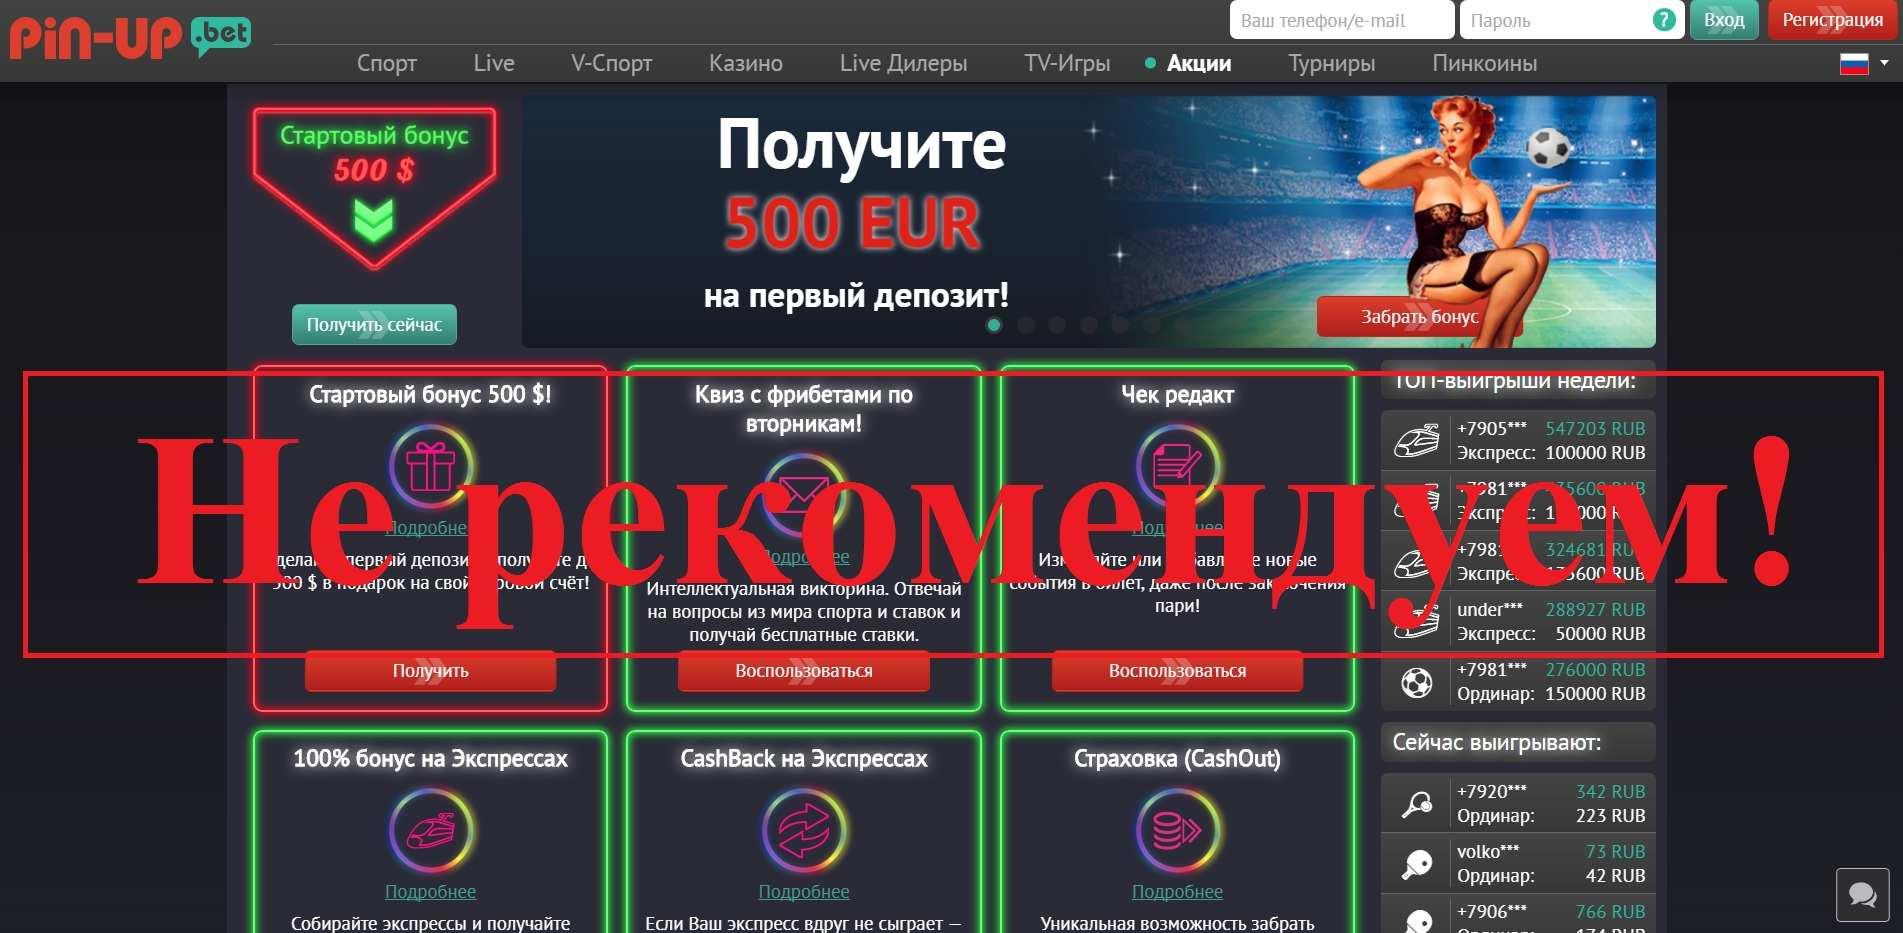 Комбат онлайн pin up bet букмекерская контора отзывы хабиб